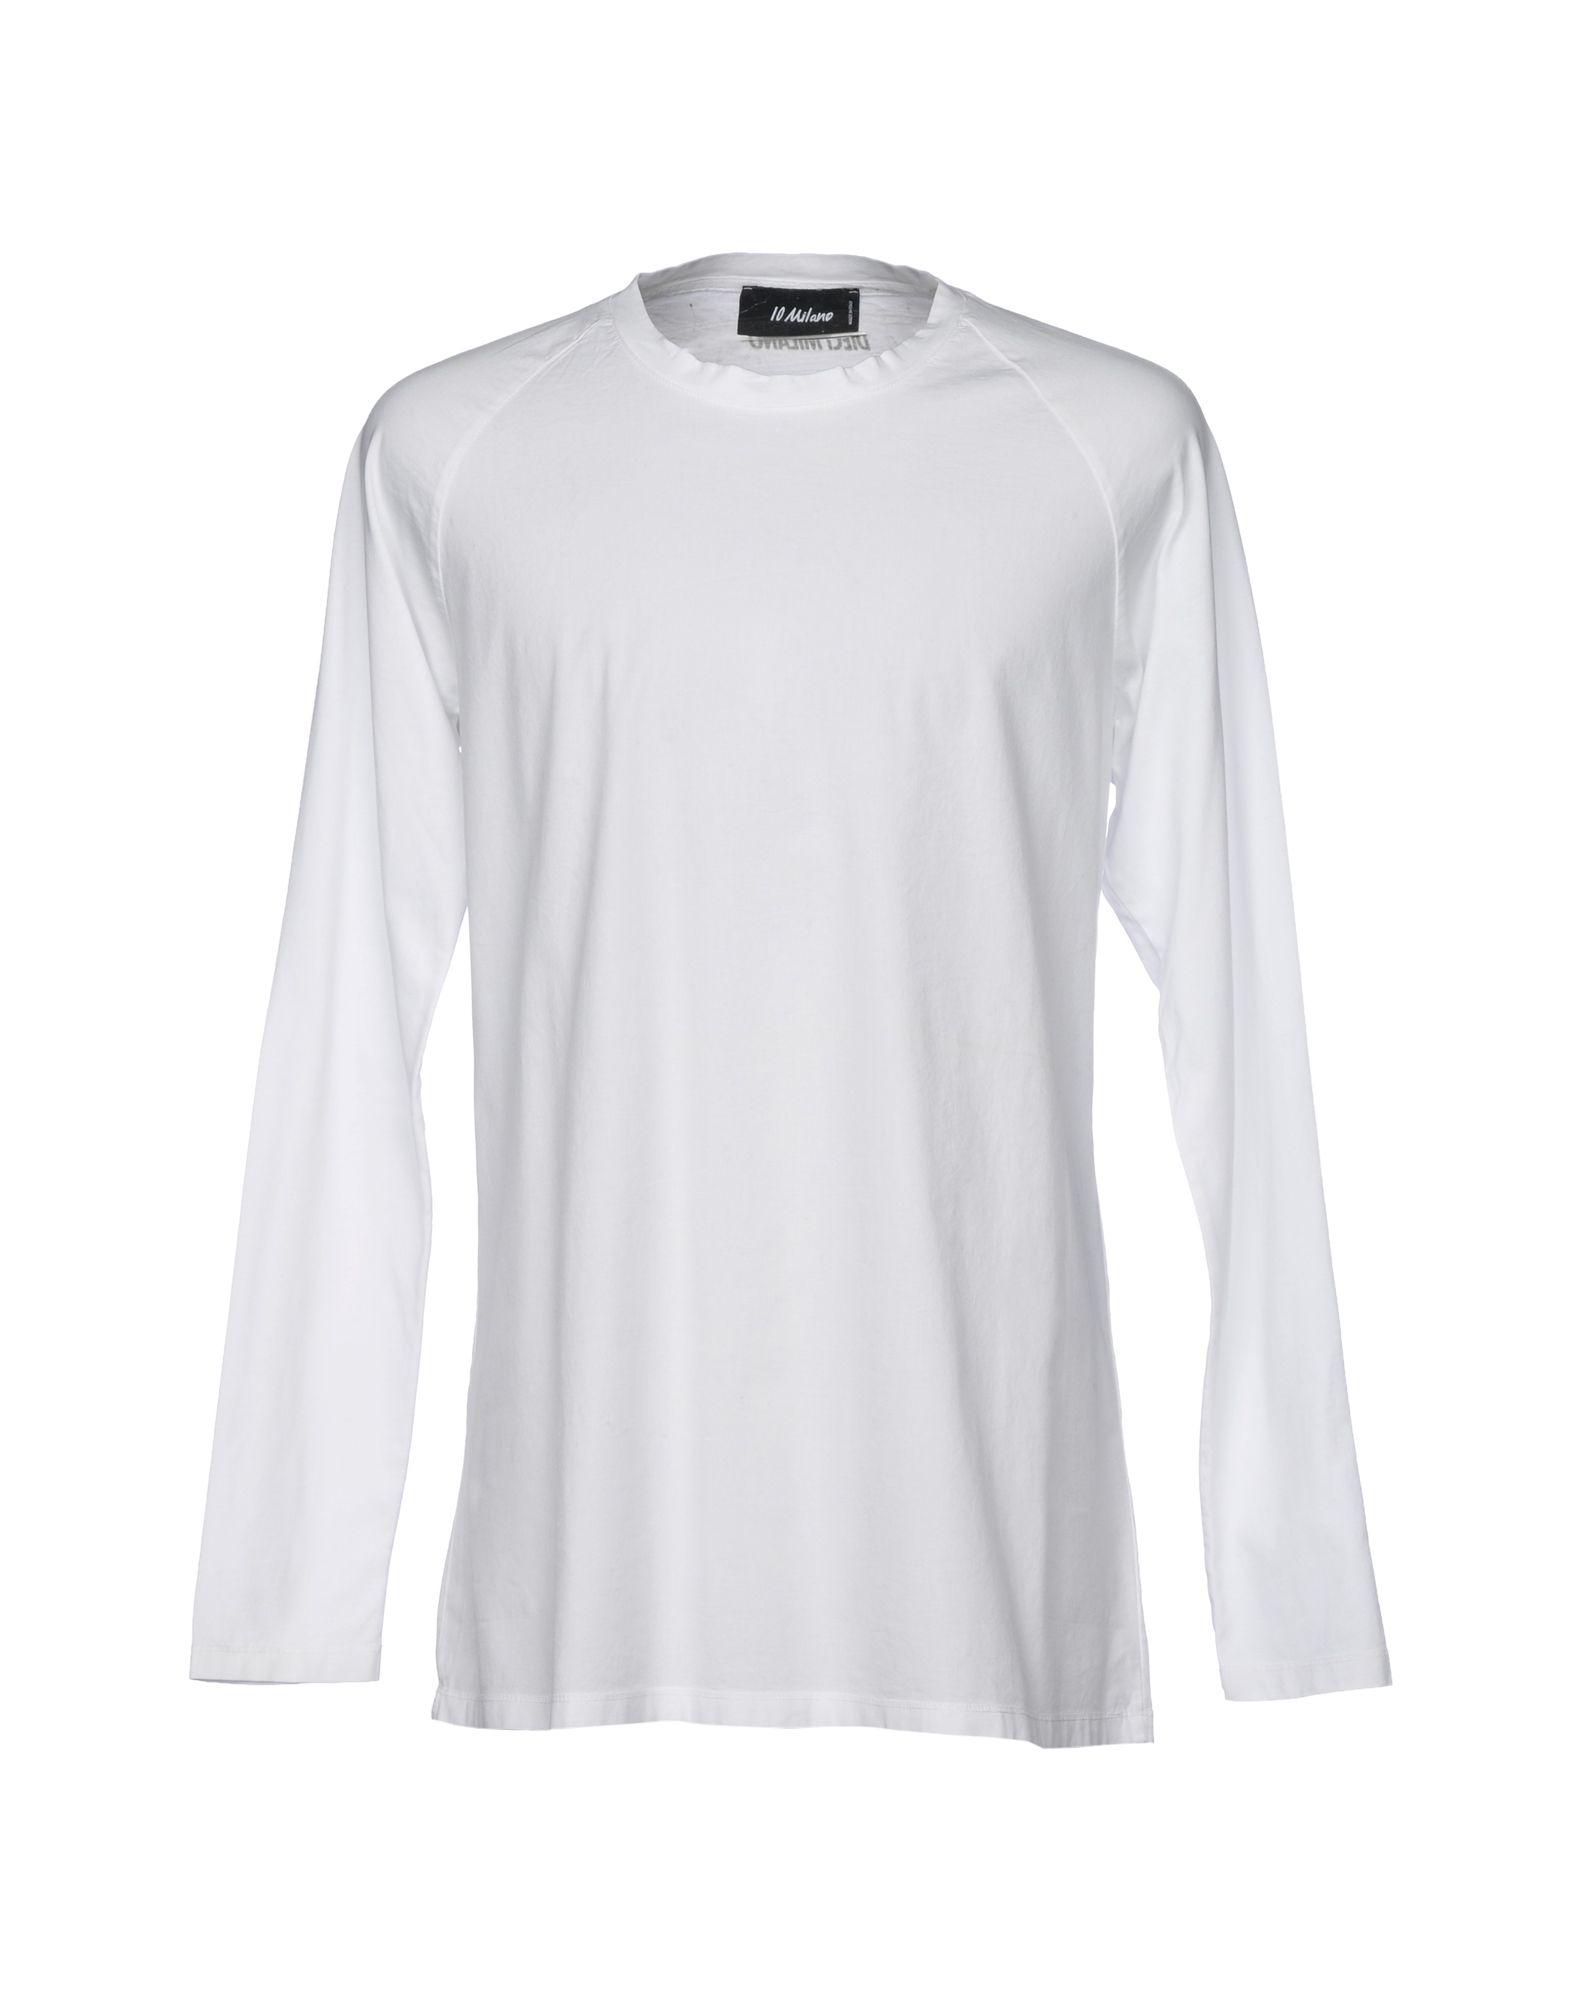 《送料無料》10 MILANO メンズ T シャツ ホワイト L コットン 100%